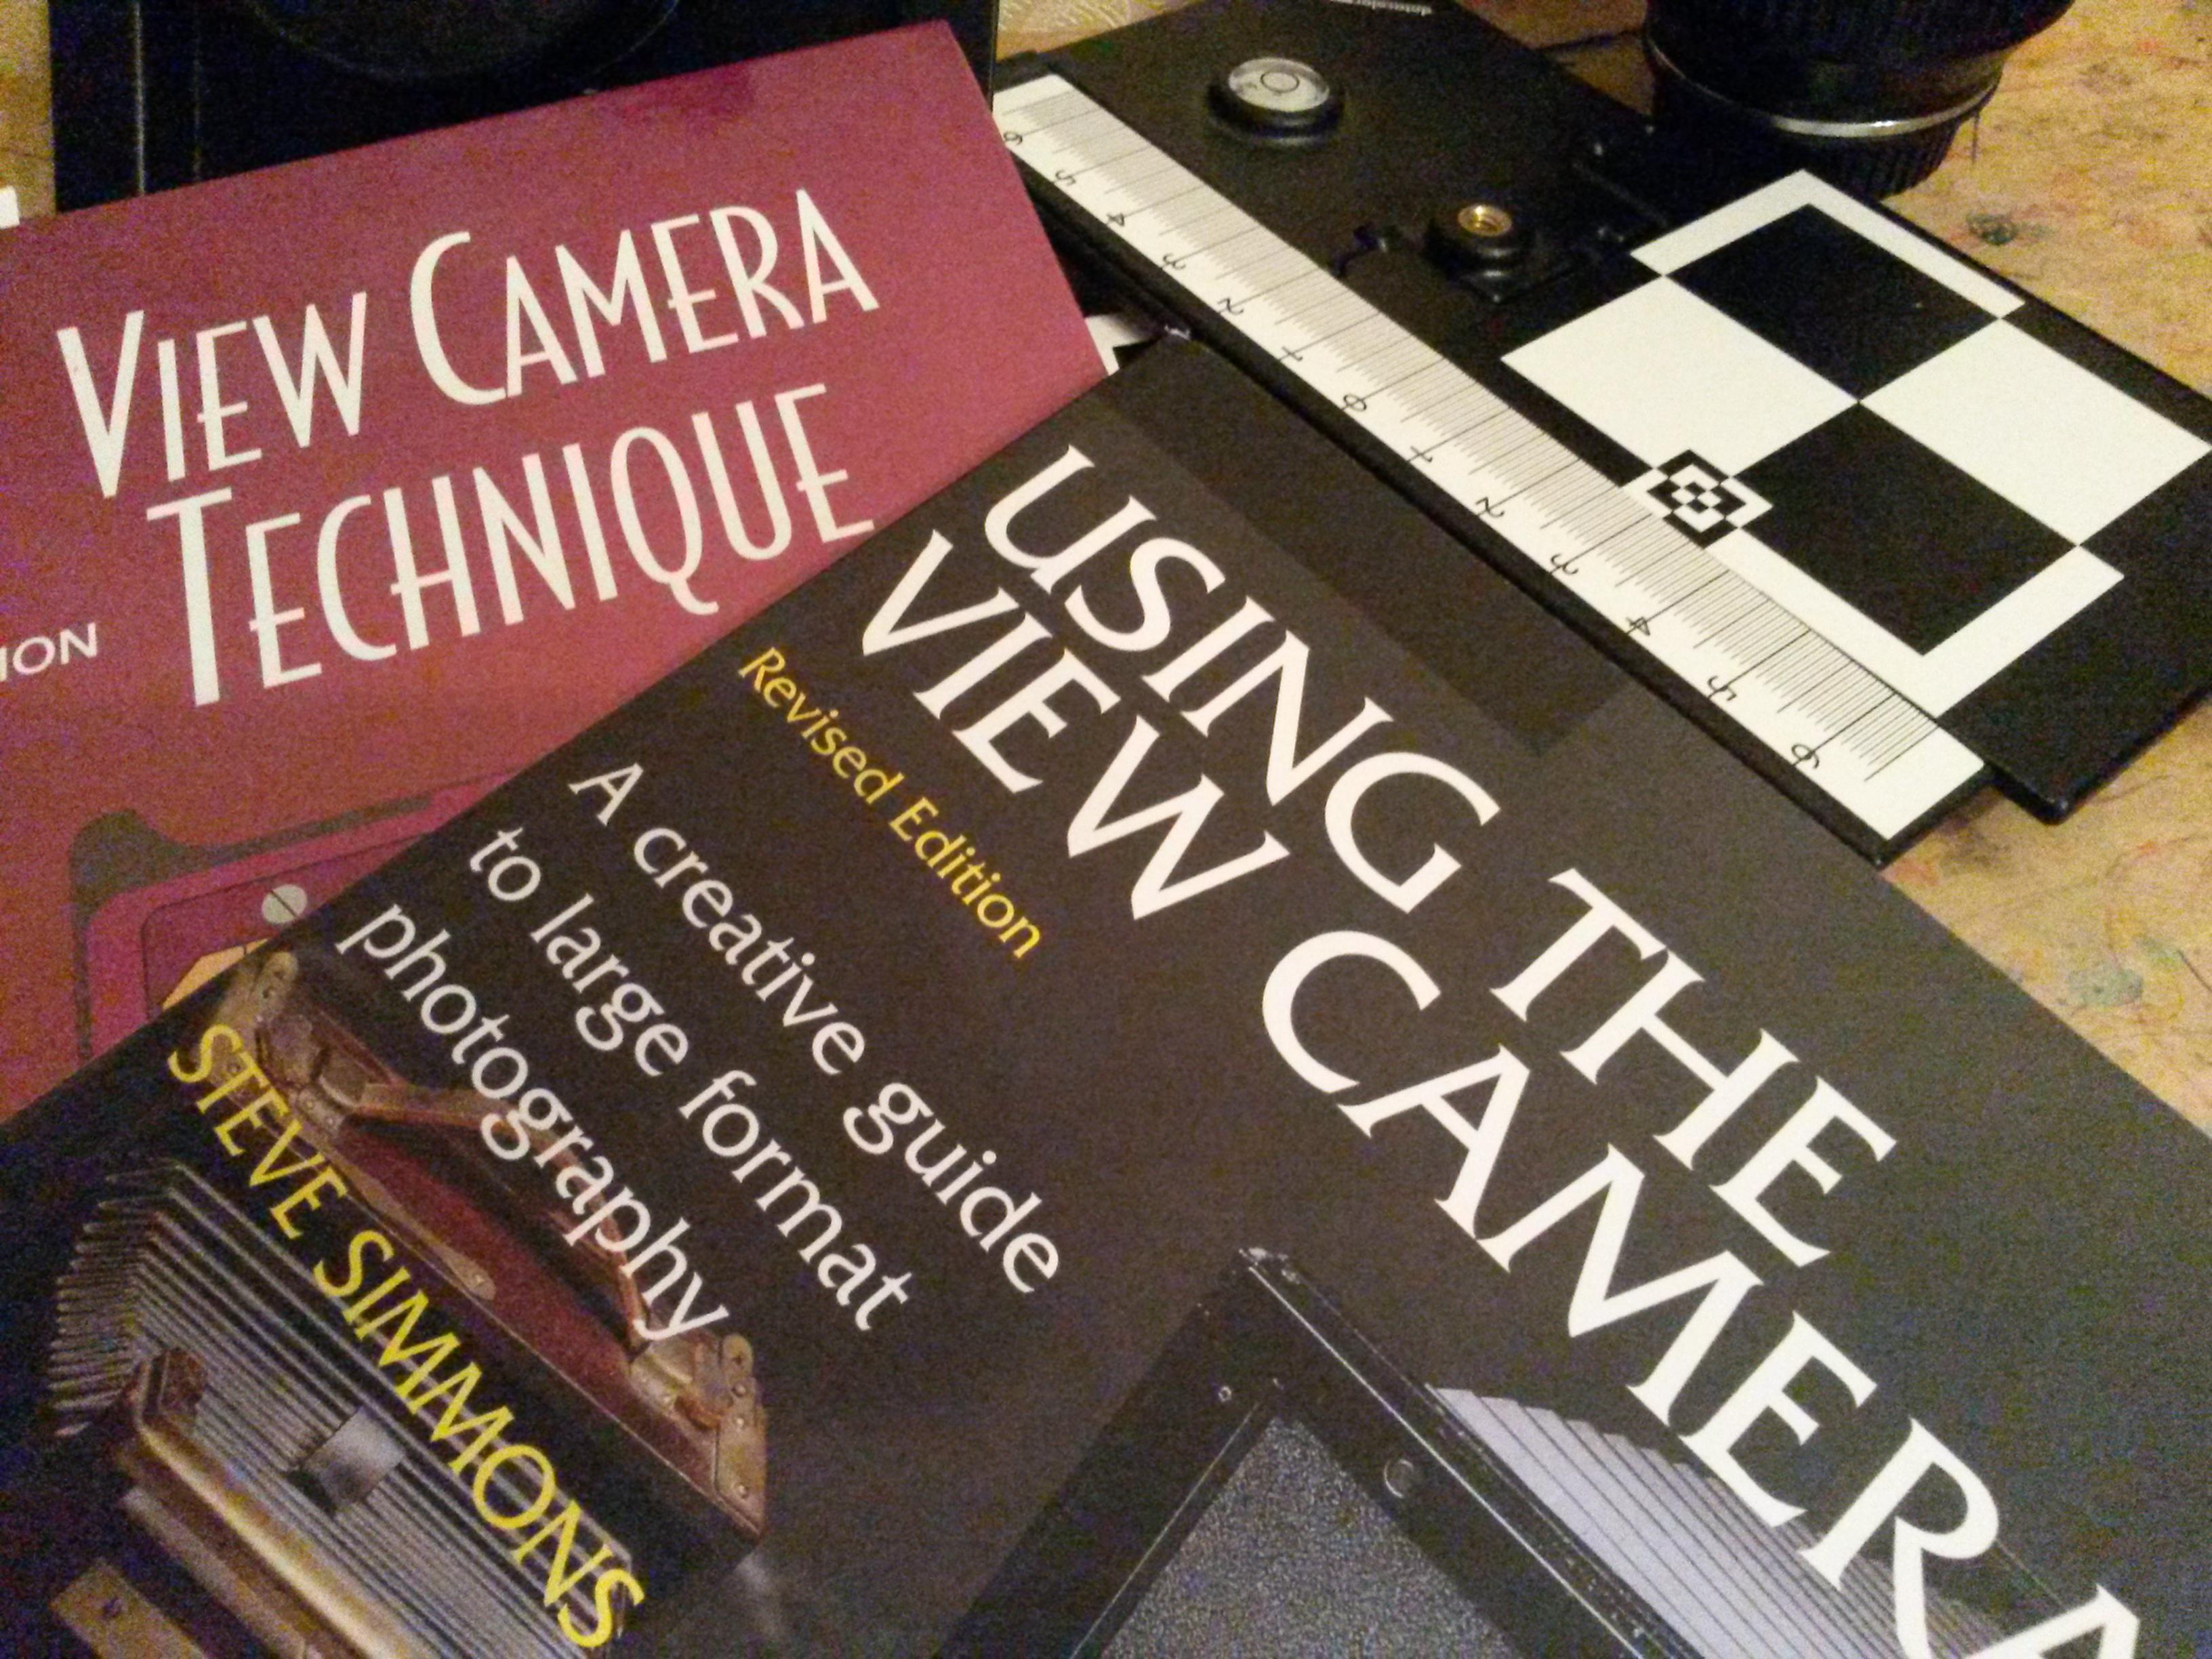 Книги, которые стоит прочесть для правильной работы с камерами БФ